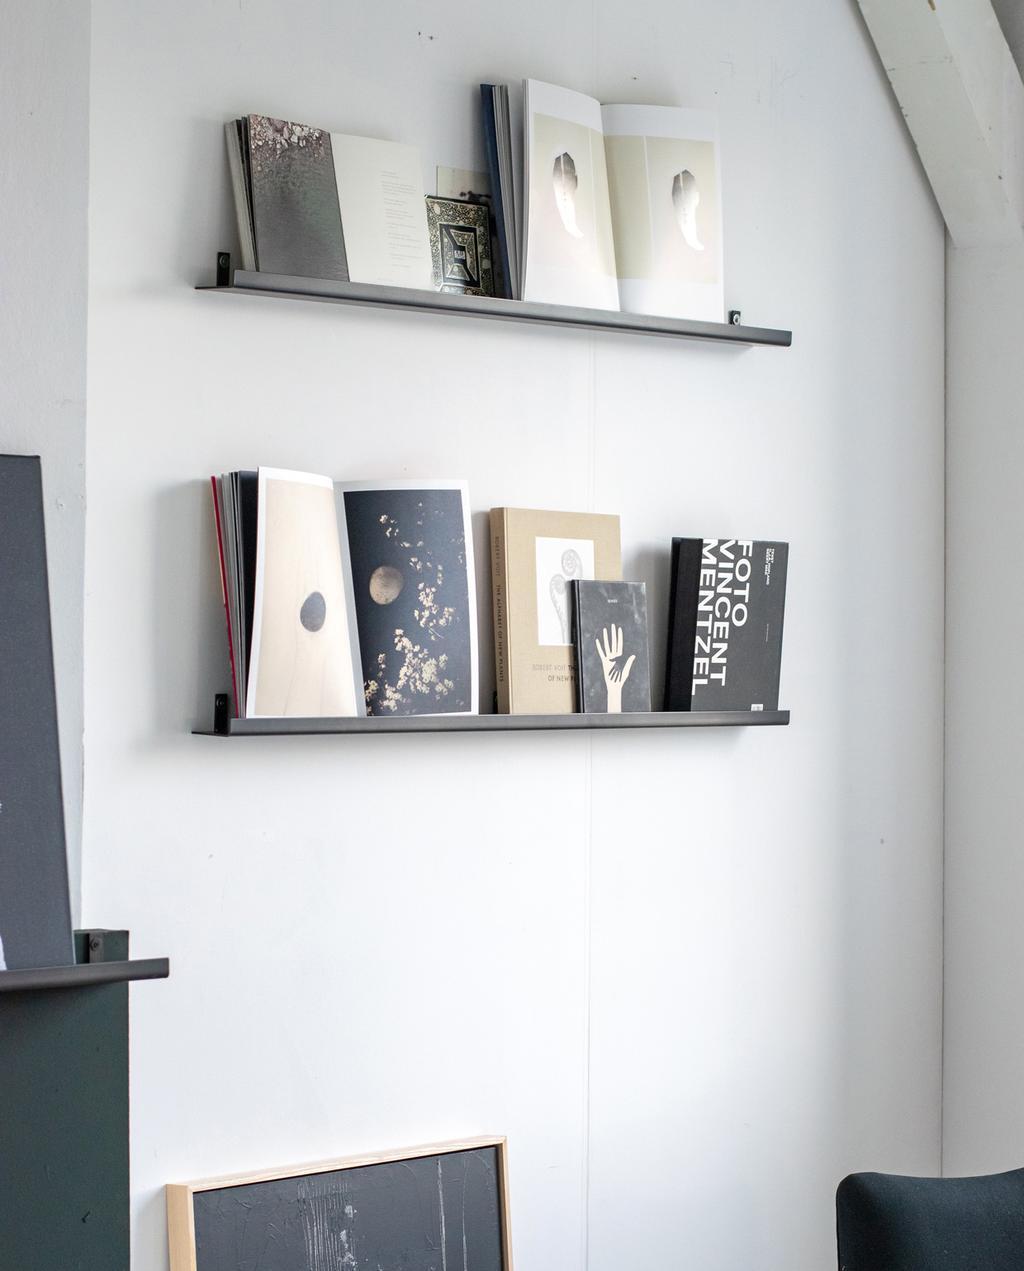 vt tv stylingtips van marianne | galerie op wandplank twee wandplanken met kunstboeken